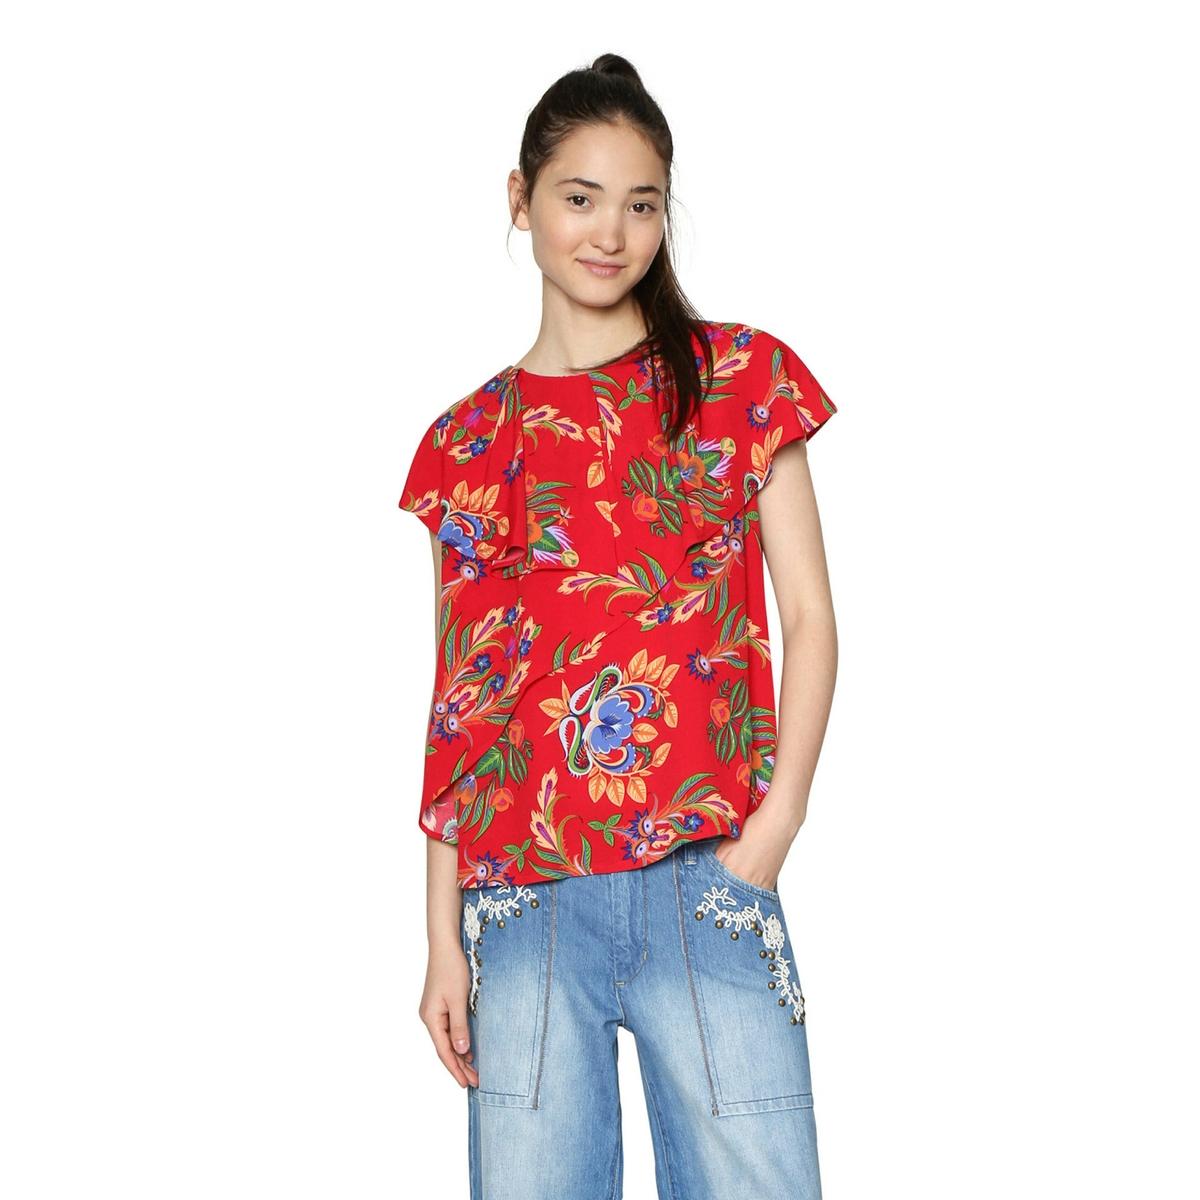 Блузка с круглым вырезом, графическим рисунком и короткими рукавами платье с короткими рукавами на поясе двухцветное desigual vest roxana